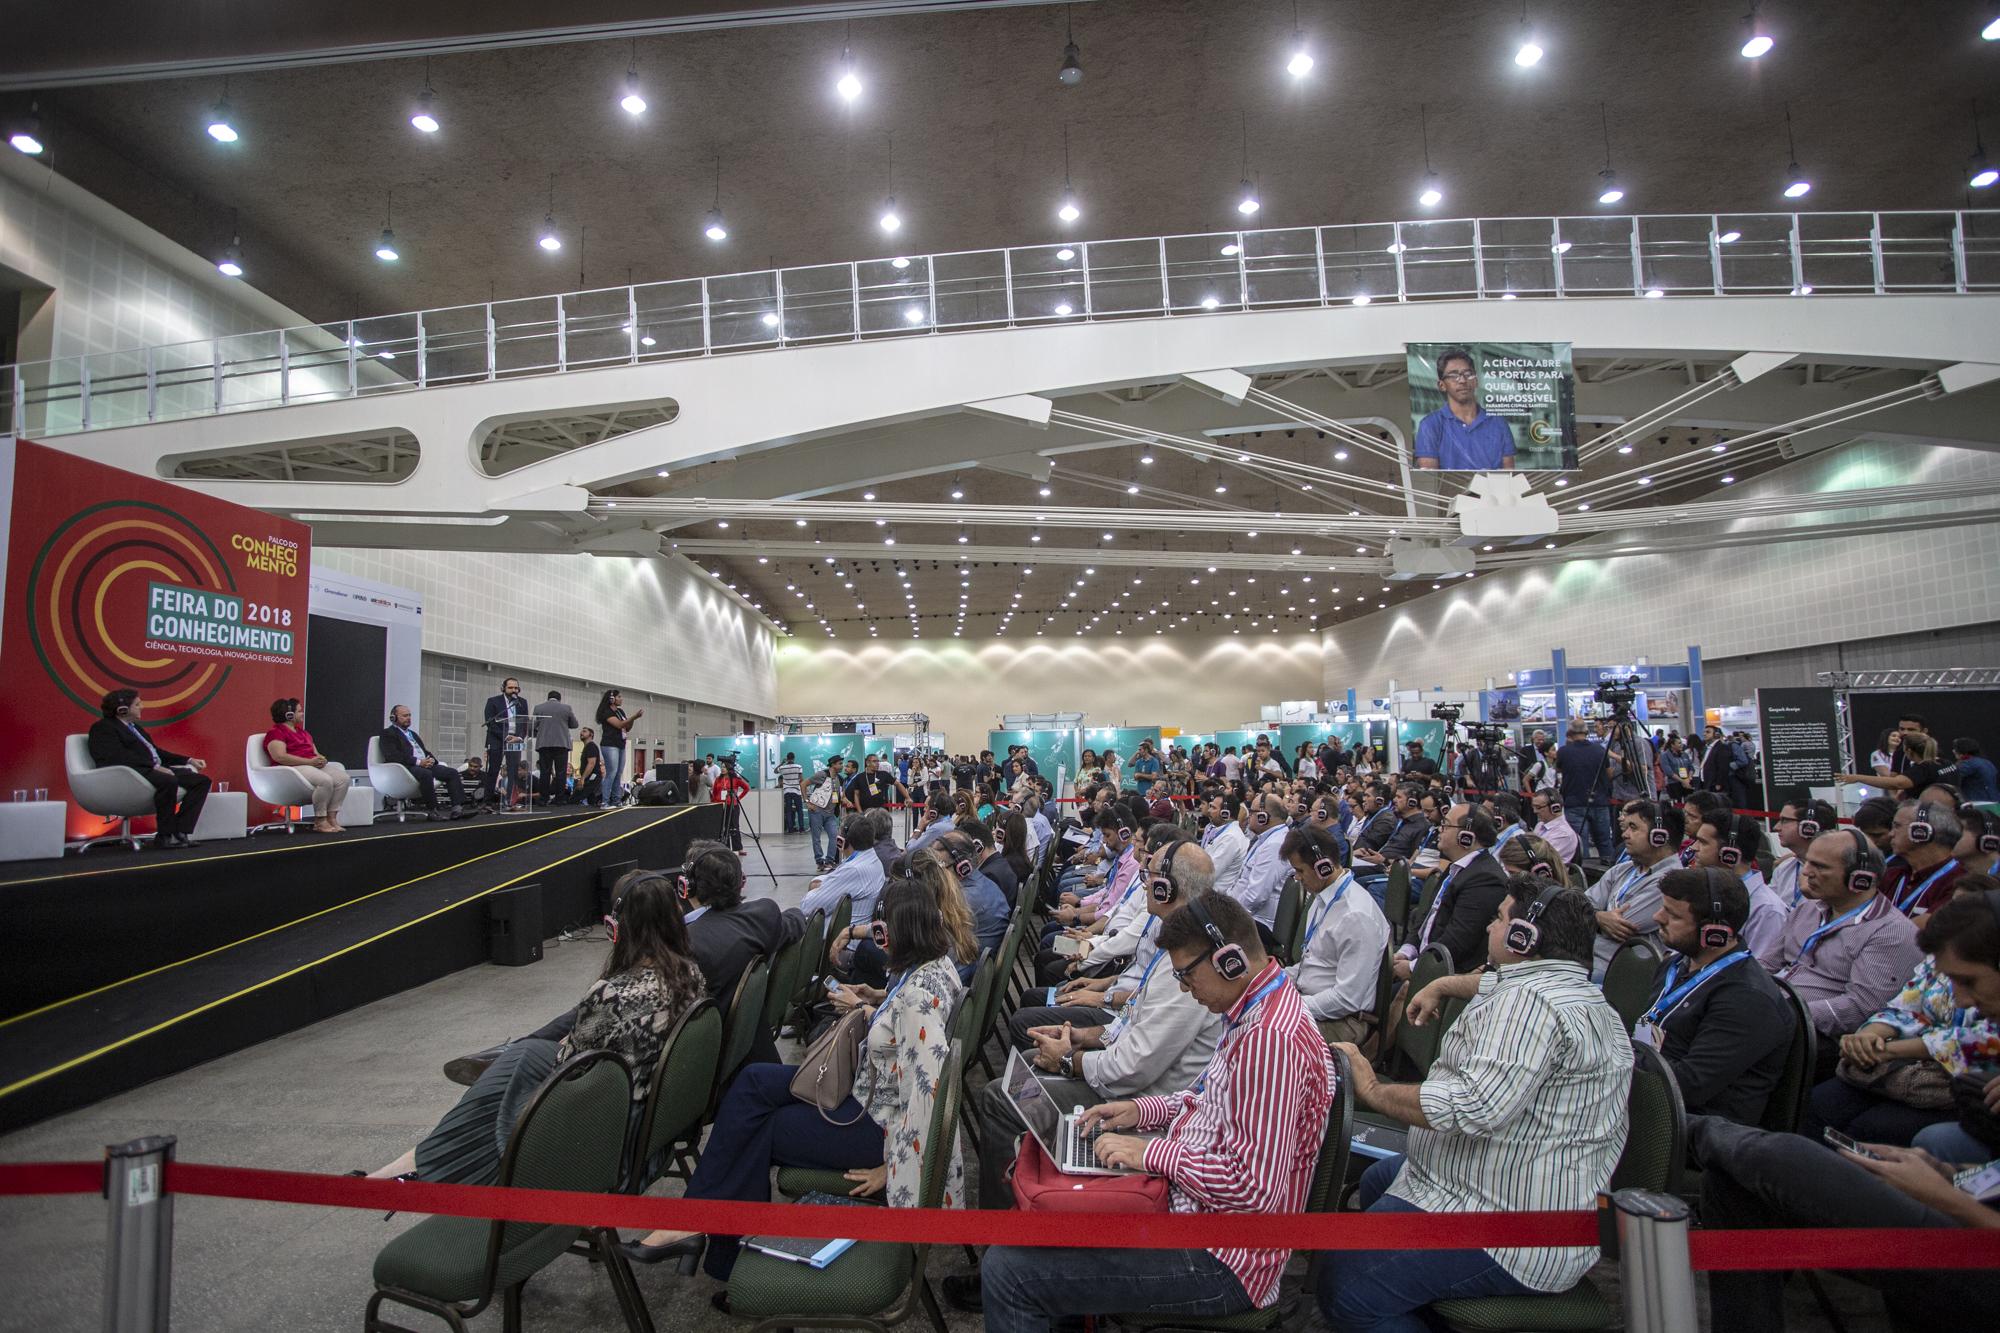 Hub tecnológico: Governo do Ceará reúne gigantes da tecnologia em simpósio na Feira do Conhecimento 2018